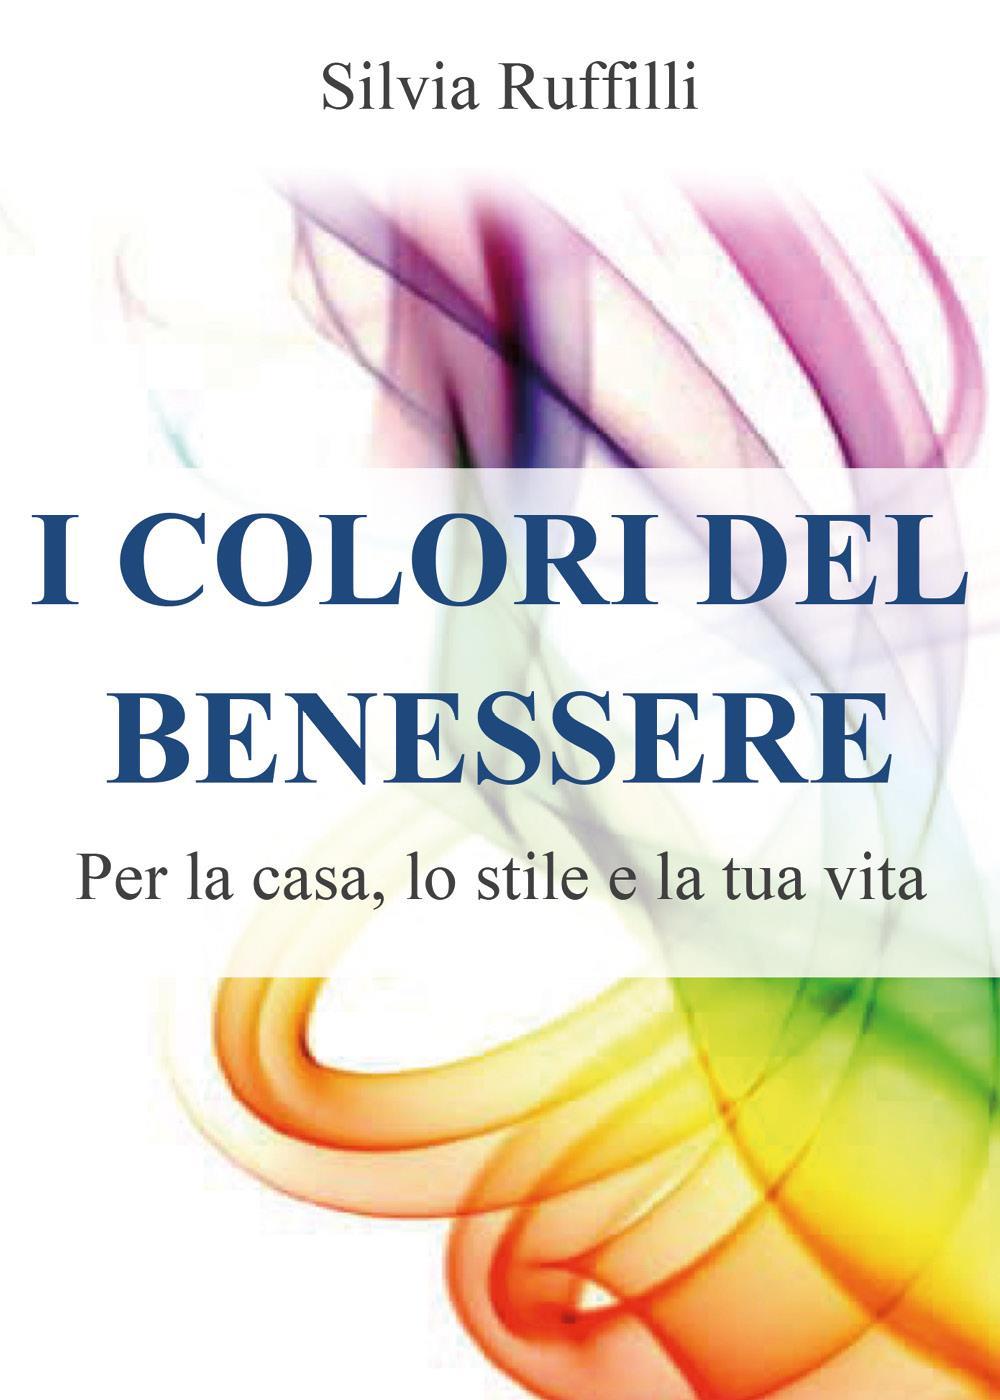 I Colori del Benessere. Per la casa, lo stile e la tua vita